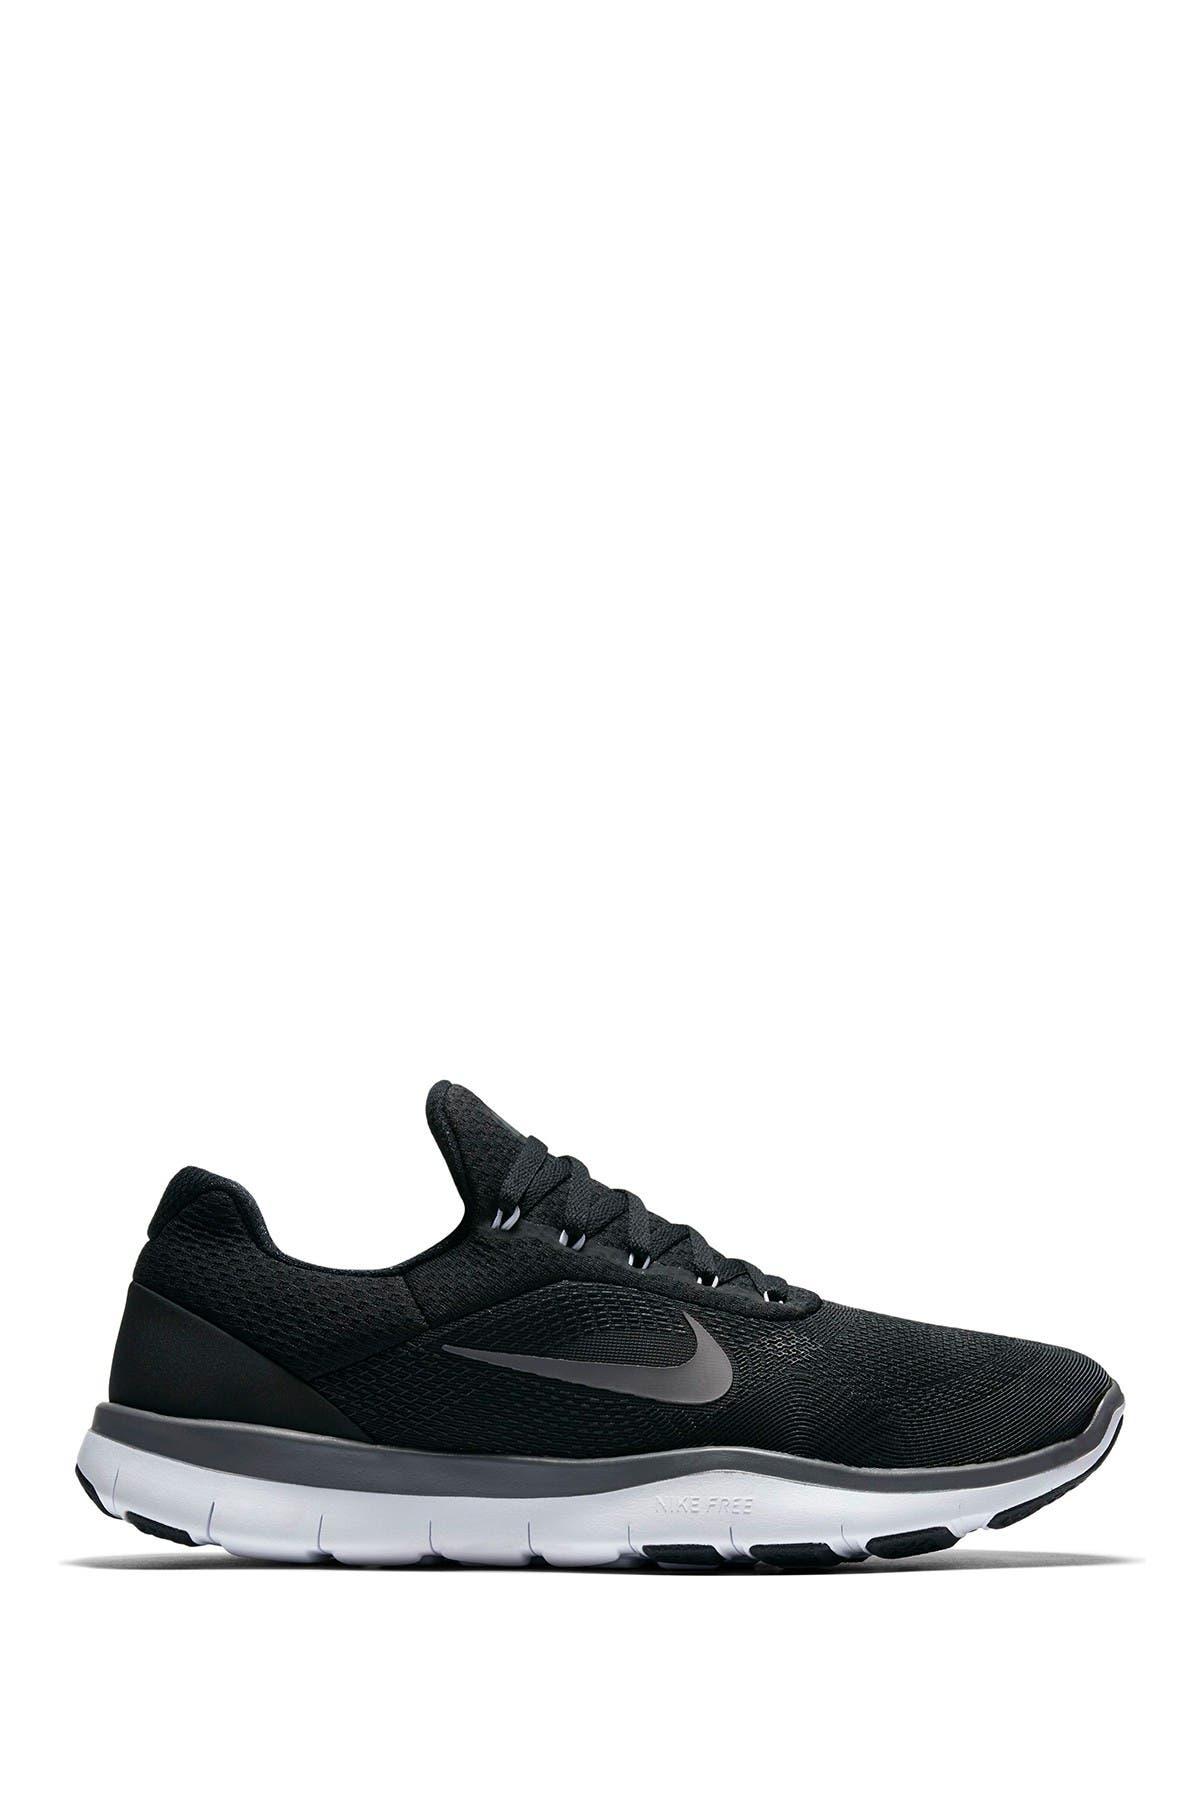 Nike | Free Trainer V7 Sneaker